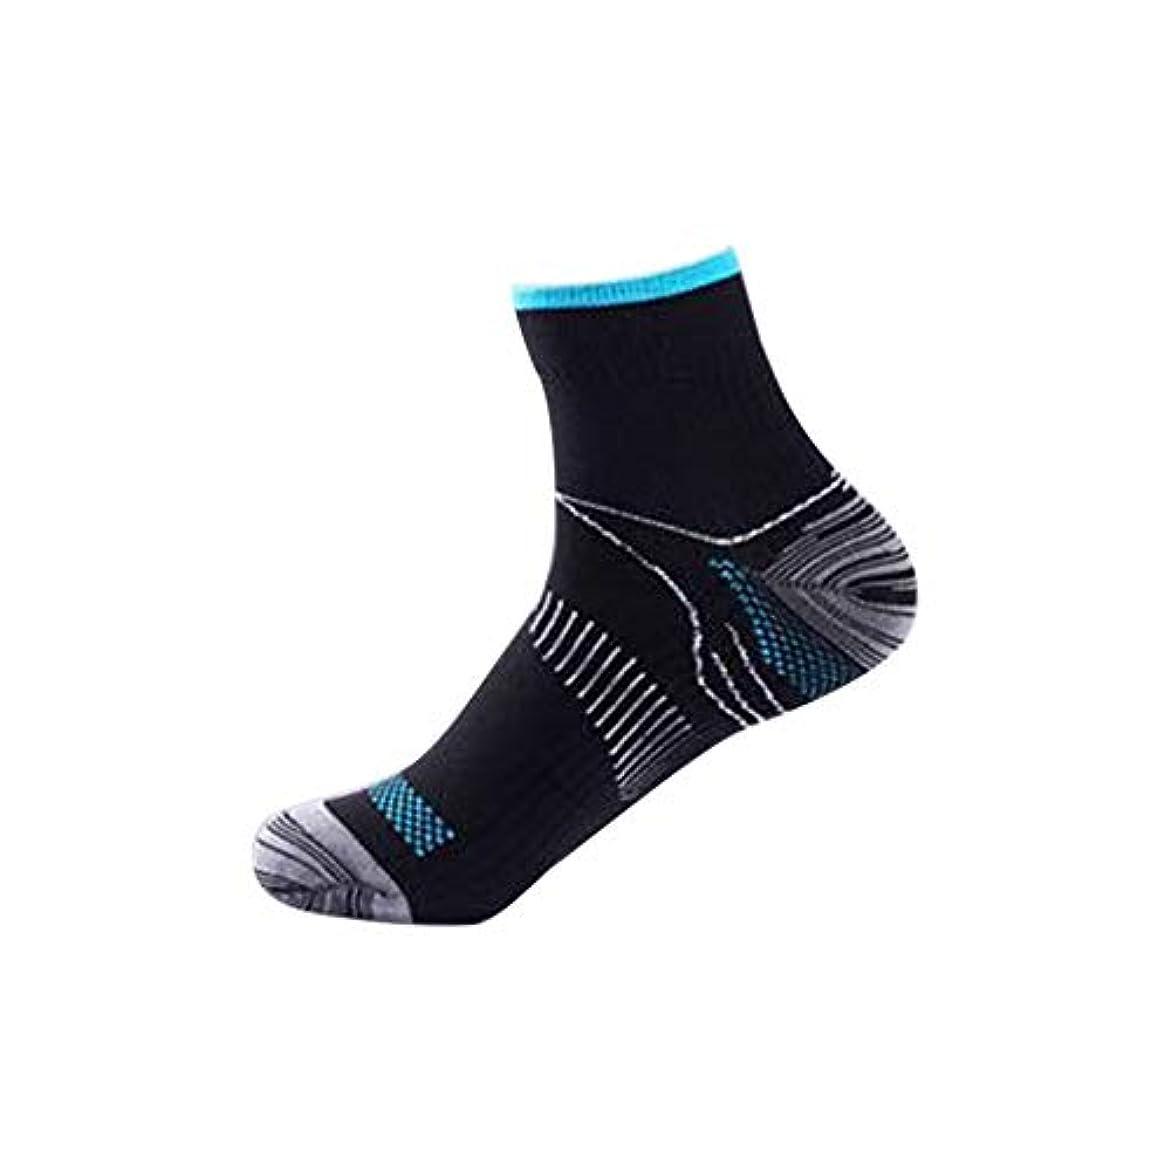 ギャング野望のために快適な男性の女性の膝の靴下のサポートストレッチ通気性の靴下の下の短いストレッチ圧縮の靴下